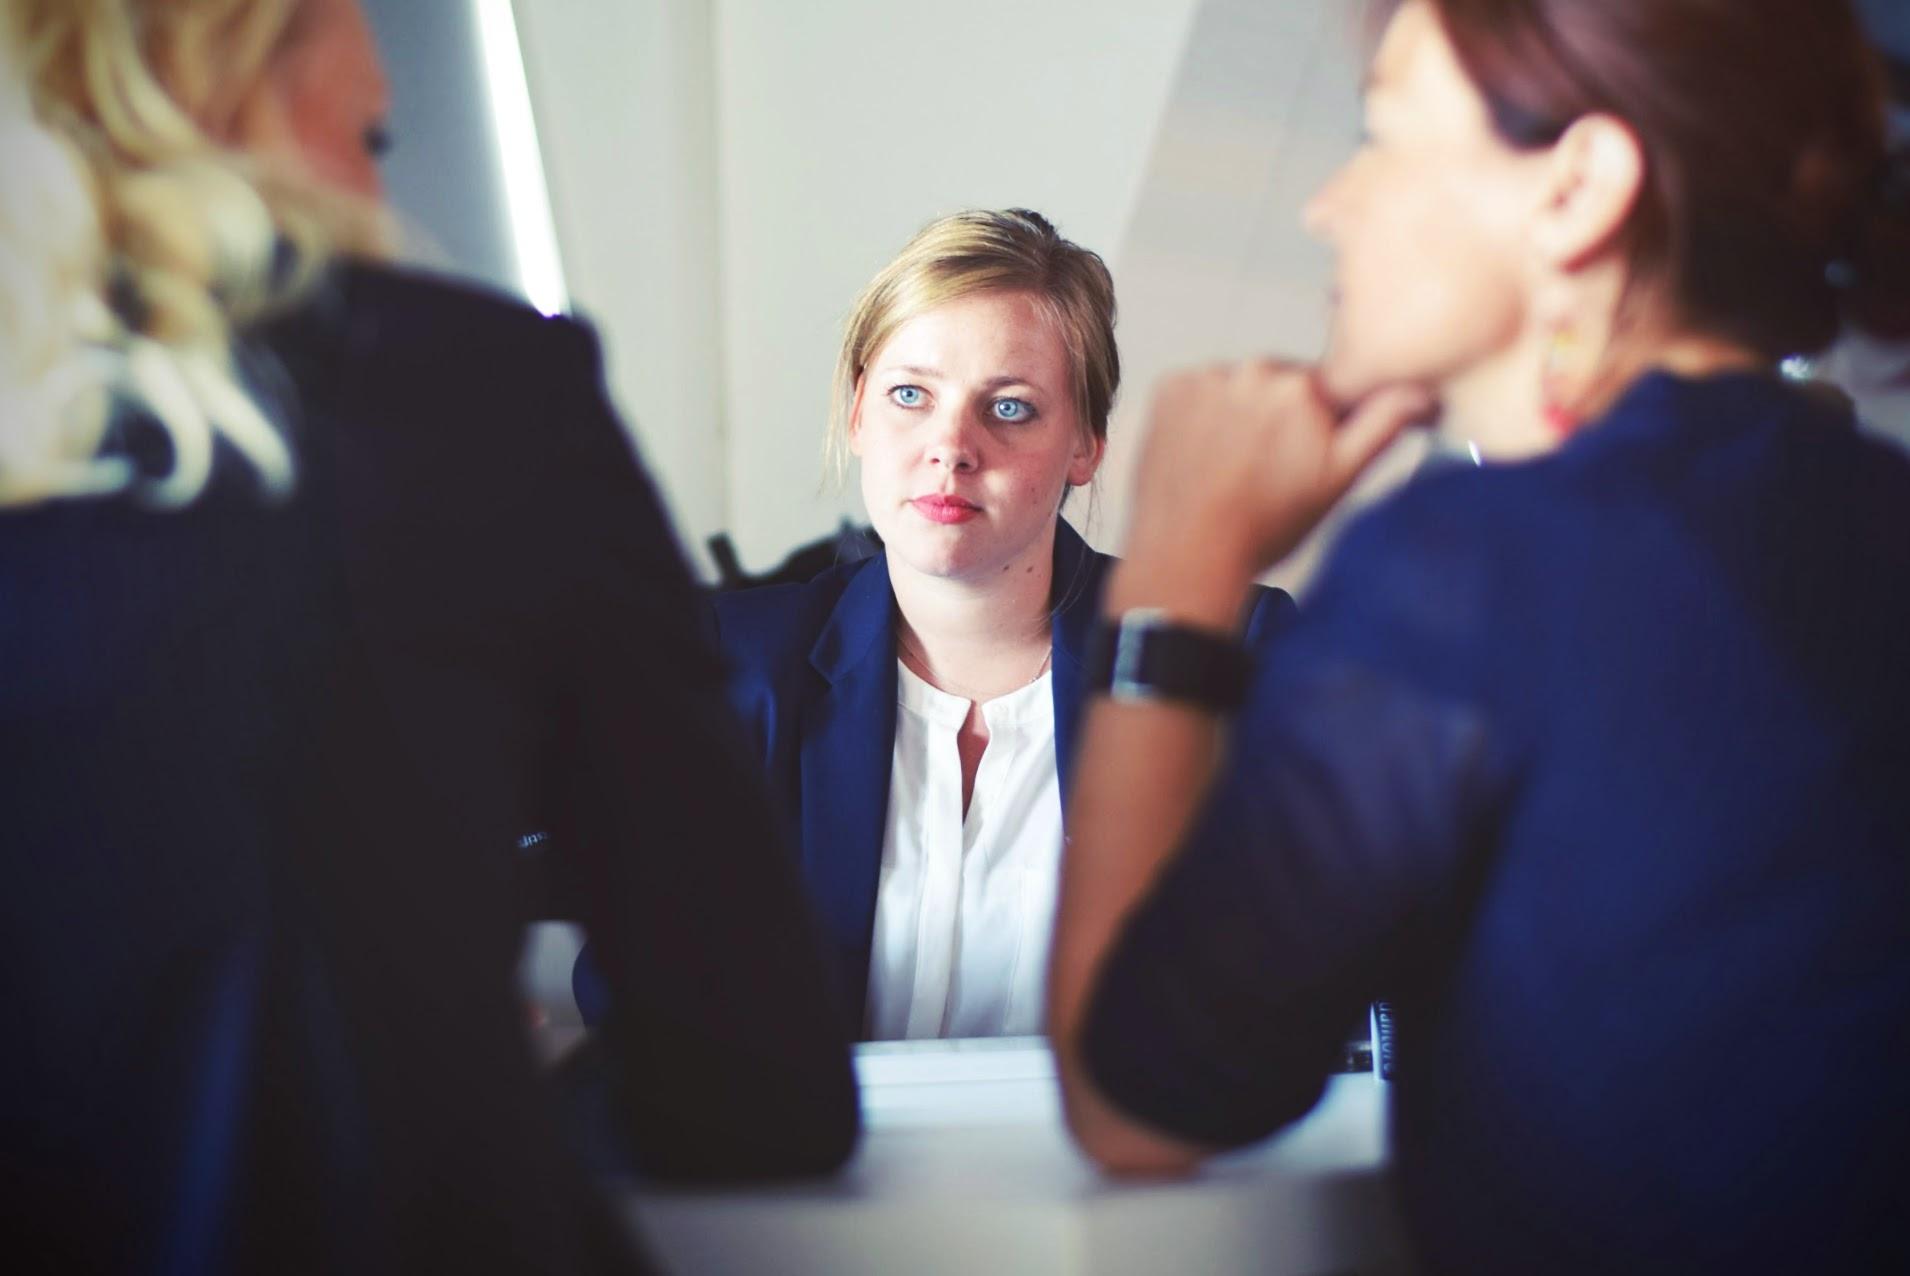 Quais entidades podem ofertar cursos de aprendizagem profissional?